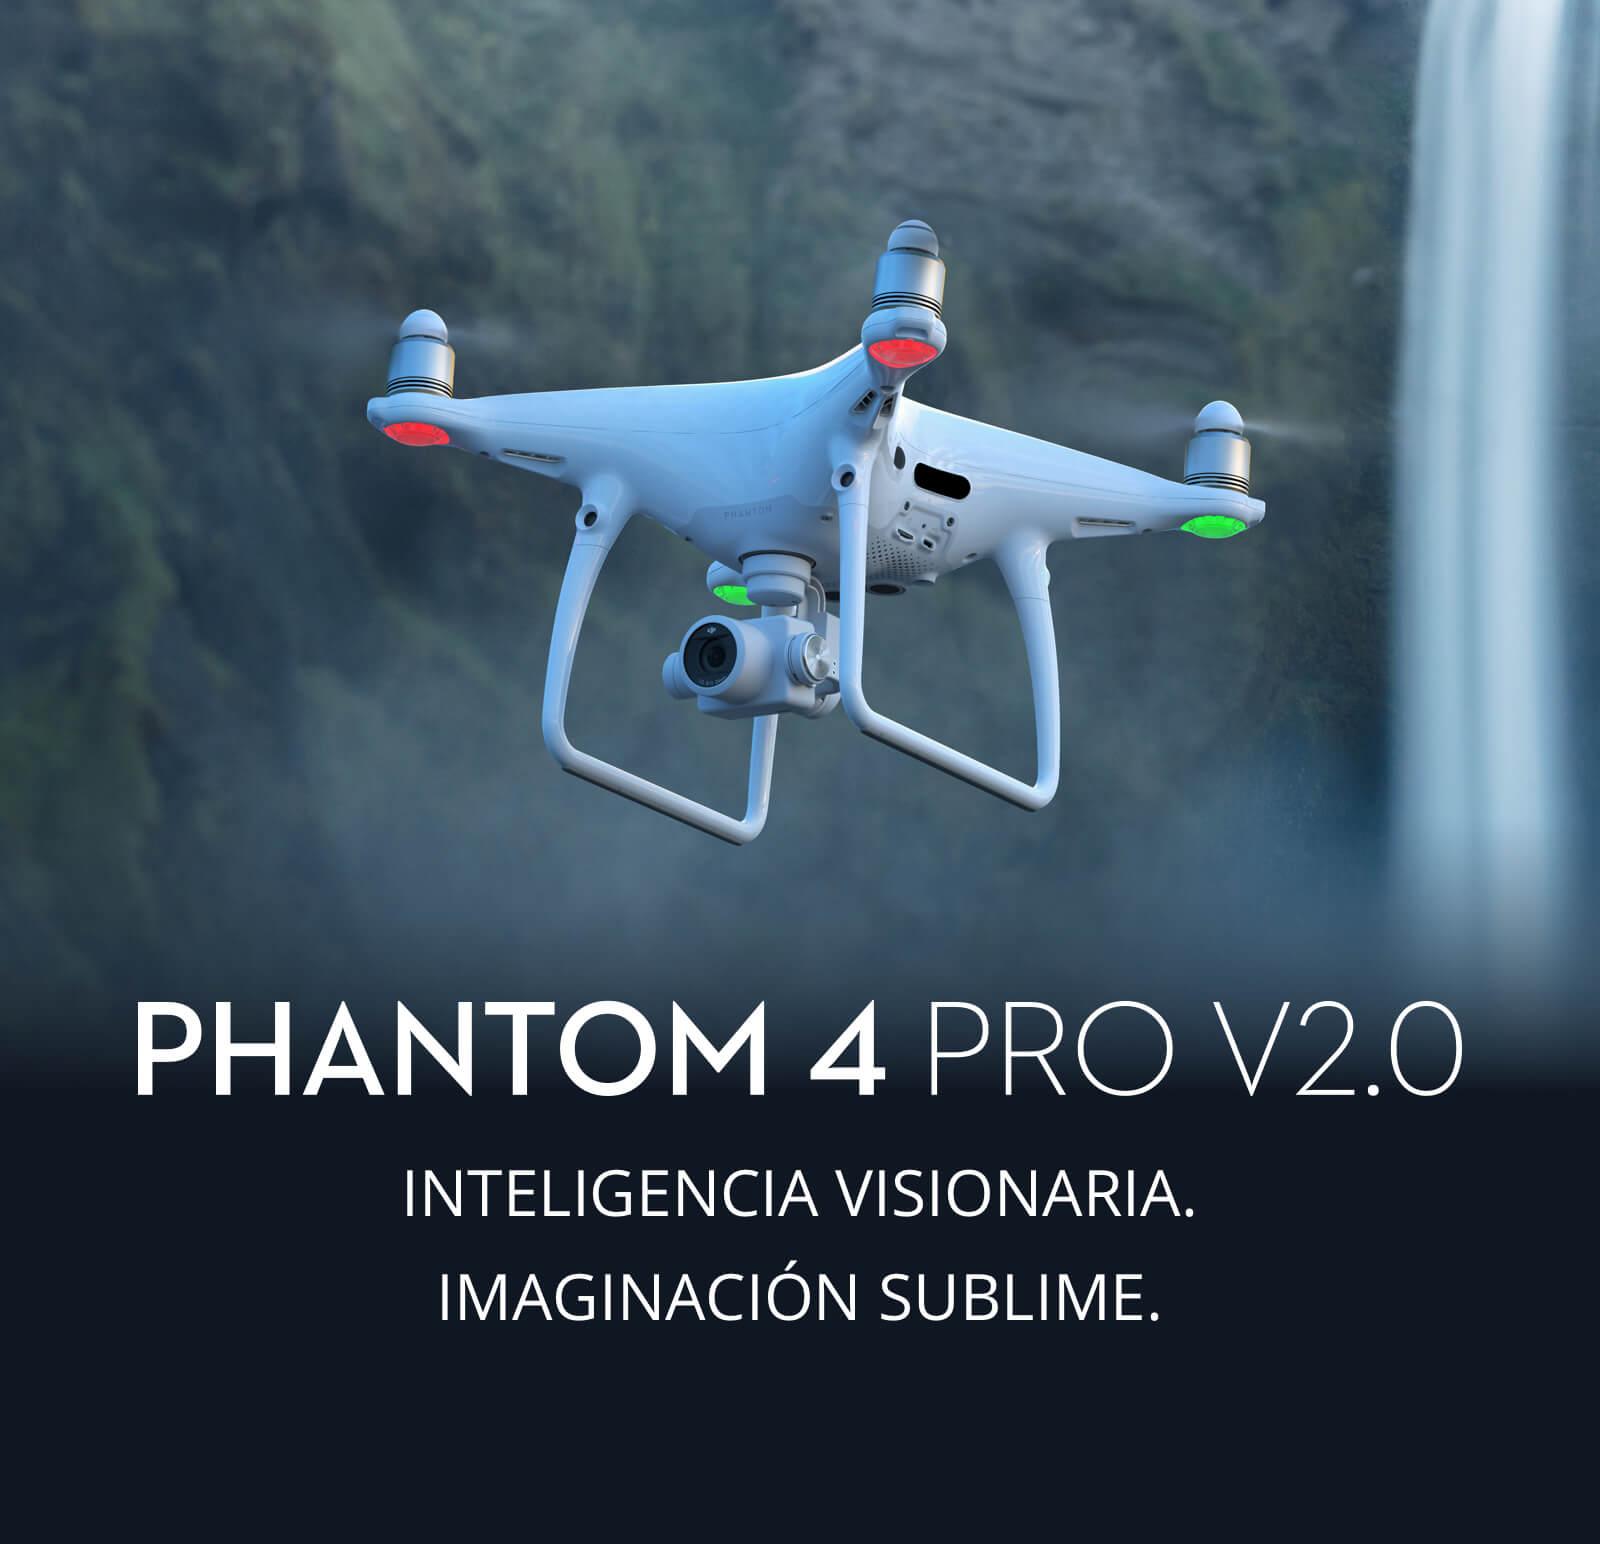 Phantom 4 Pro V2.0